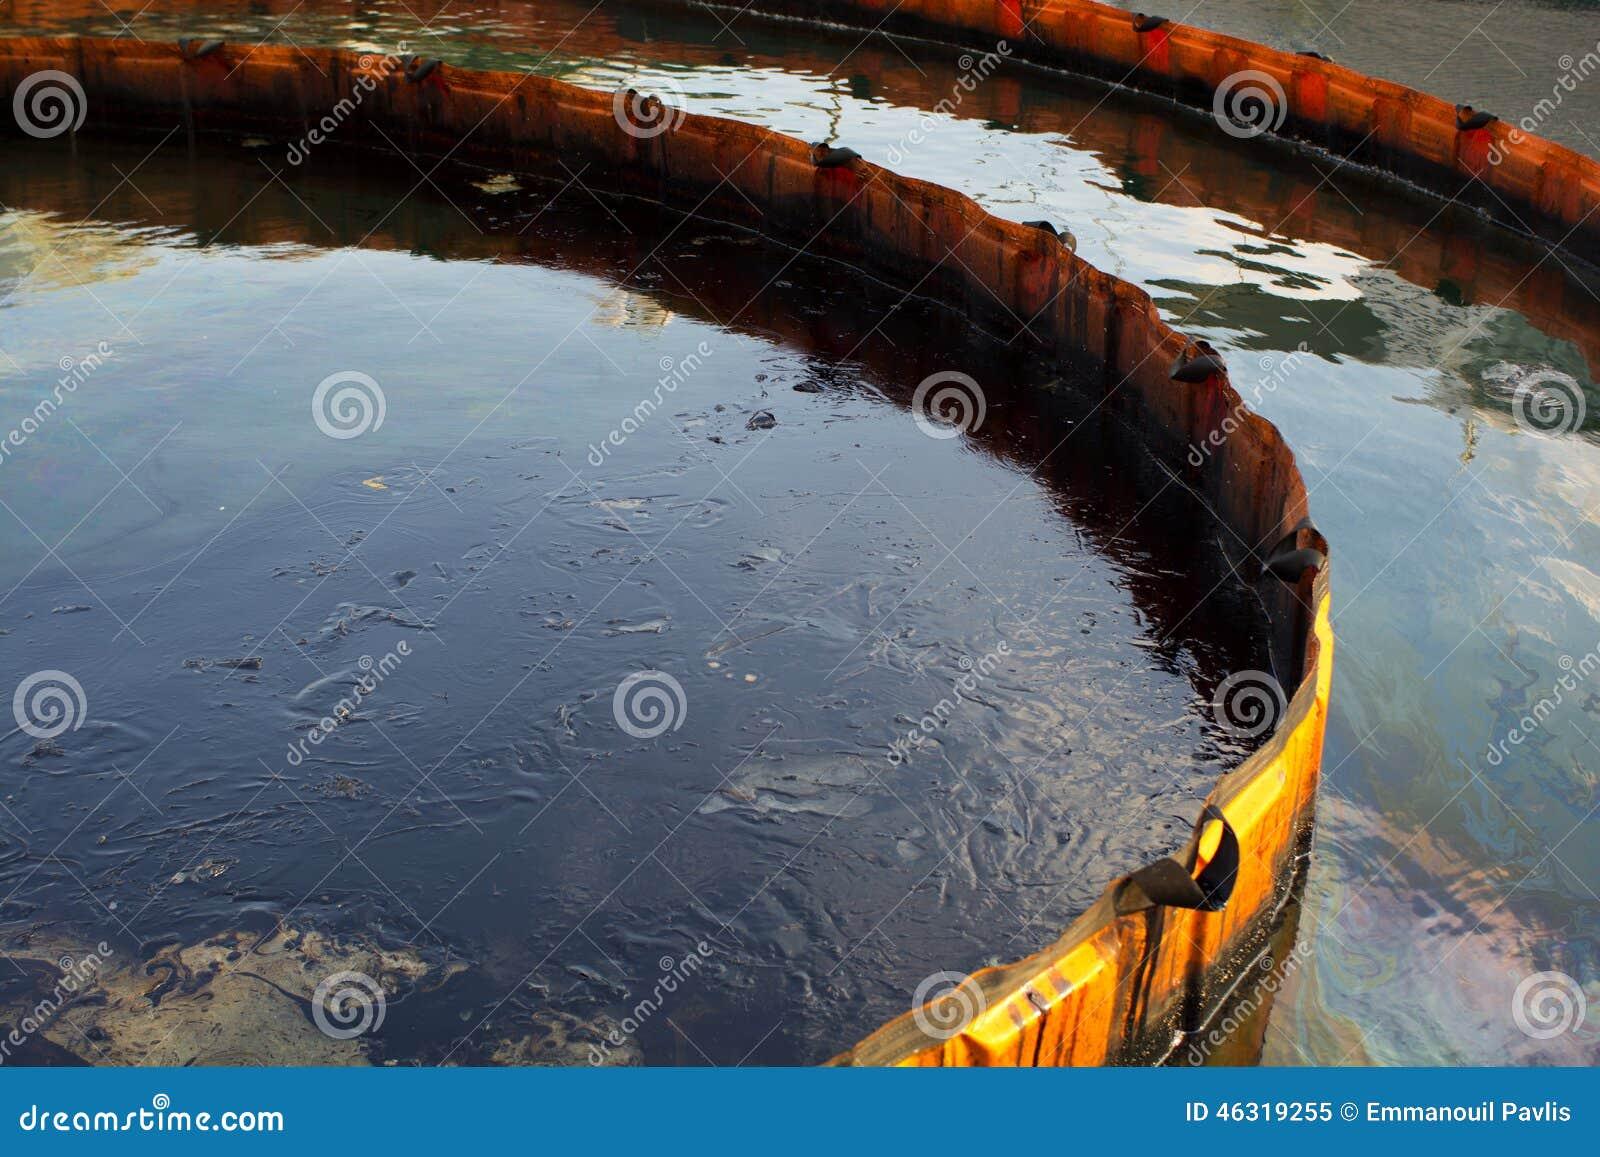 Barrera Del Control De La Contaminación Imagen de archivo - Imagen ...